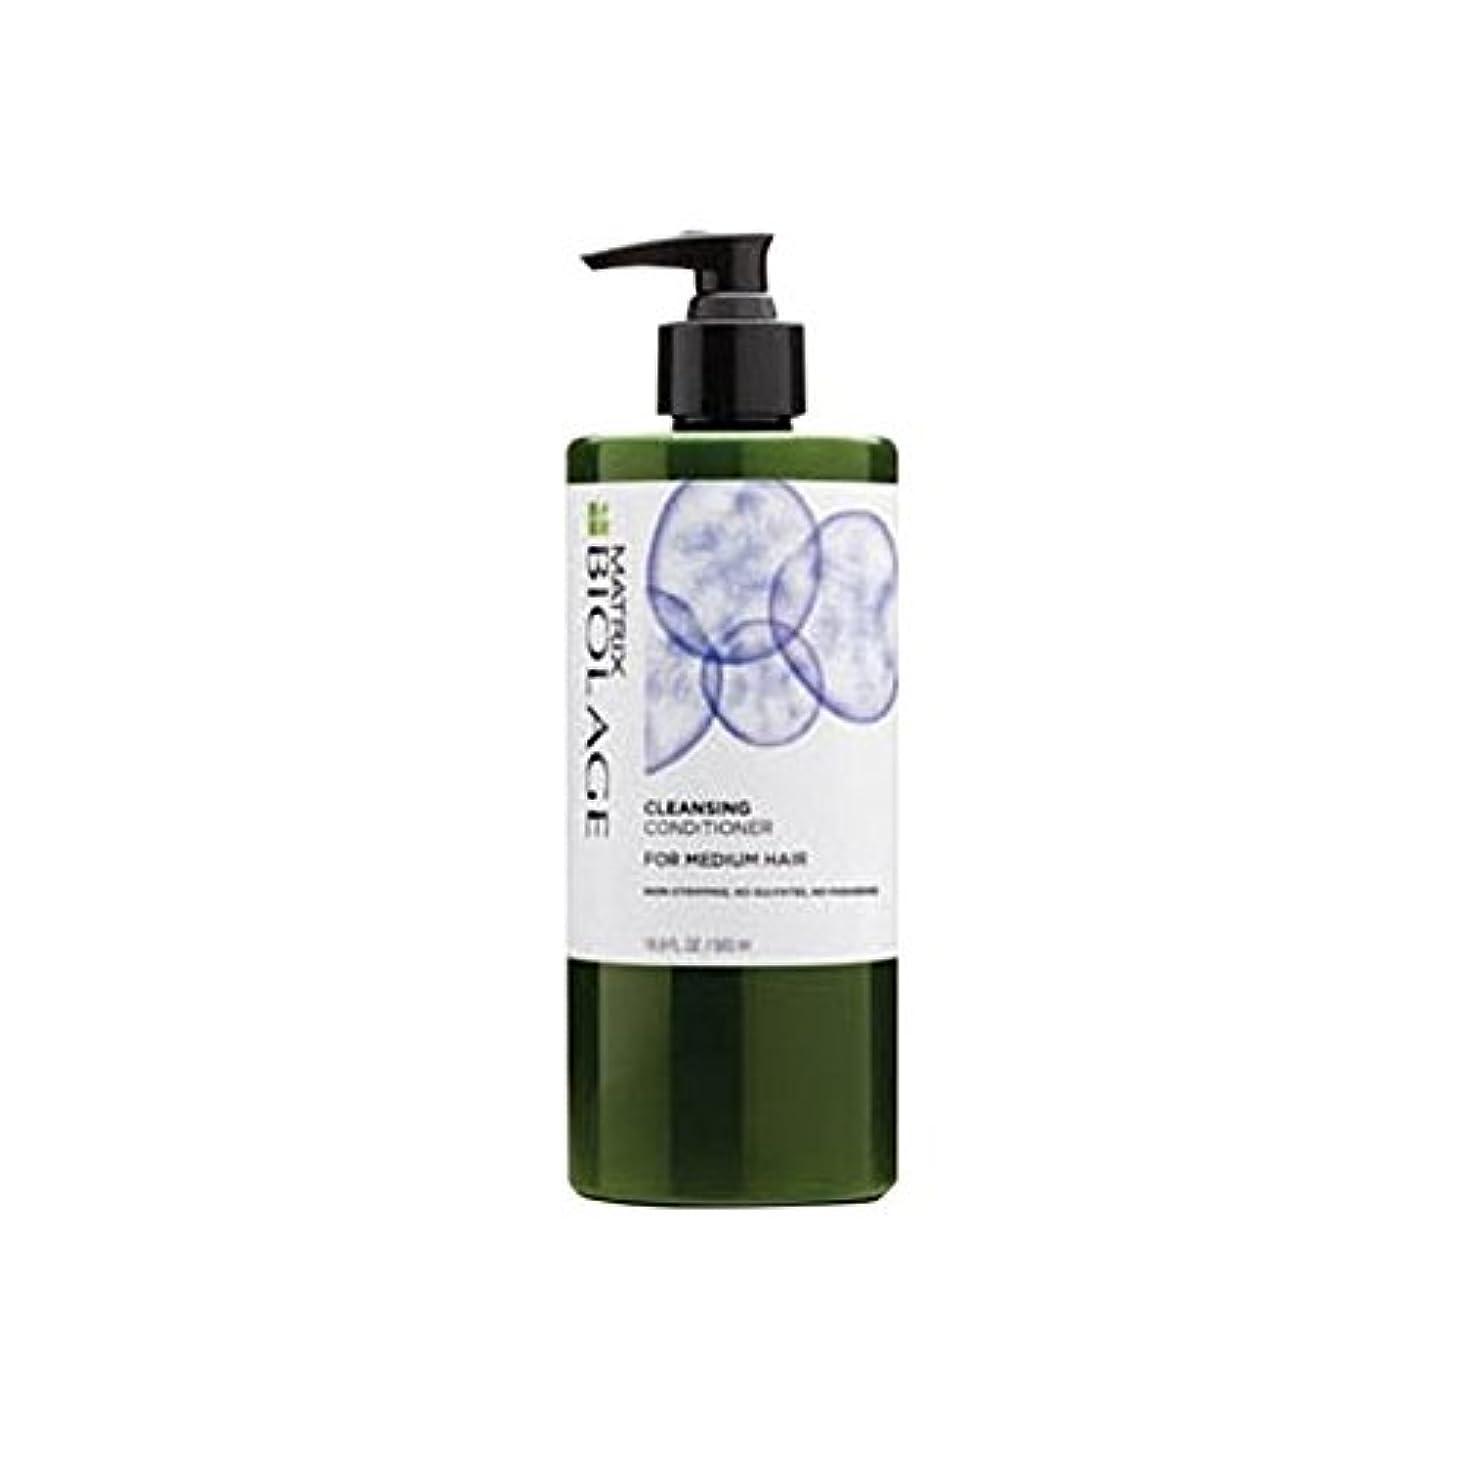 借りる申請中通路マトリックスバイオレイジクレンジングコンディショナー - メディア髪(500ミリリットル) x2 - Matrix Biolage Cleansing Conditioner - Medium Hair (500ml) (Pack of 2) [並行輸入品]